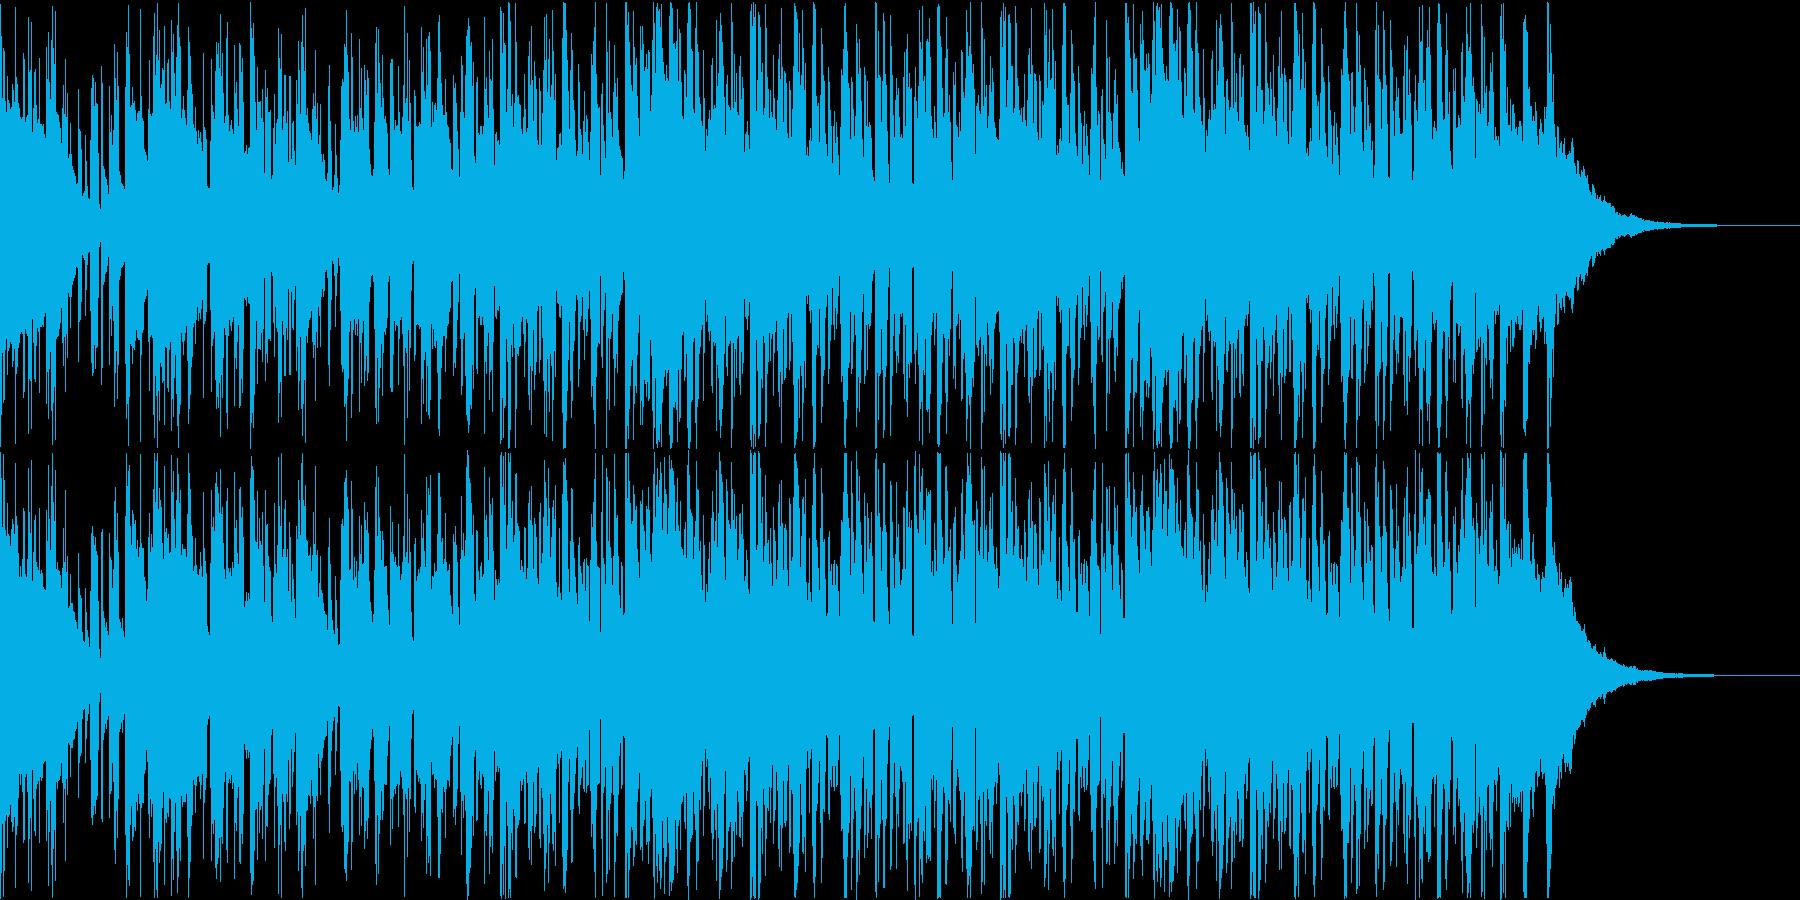 Pf「神楽」和風現代ジャズの再生済みの波形